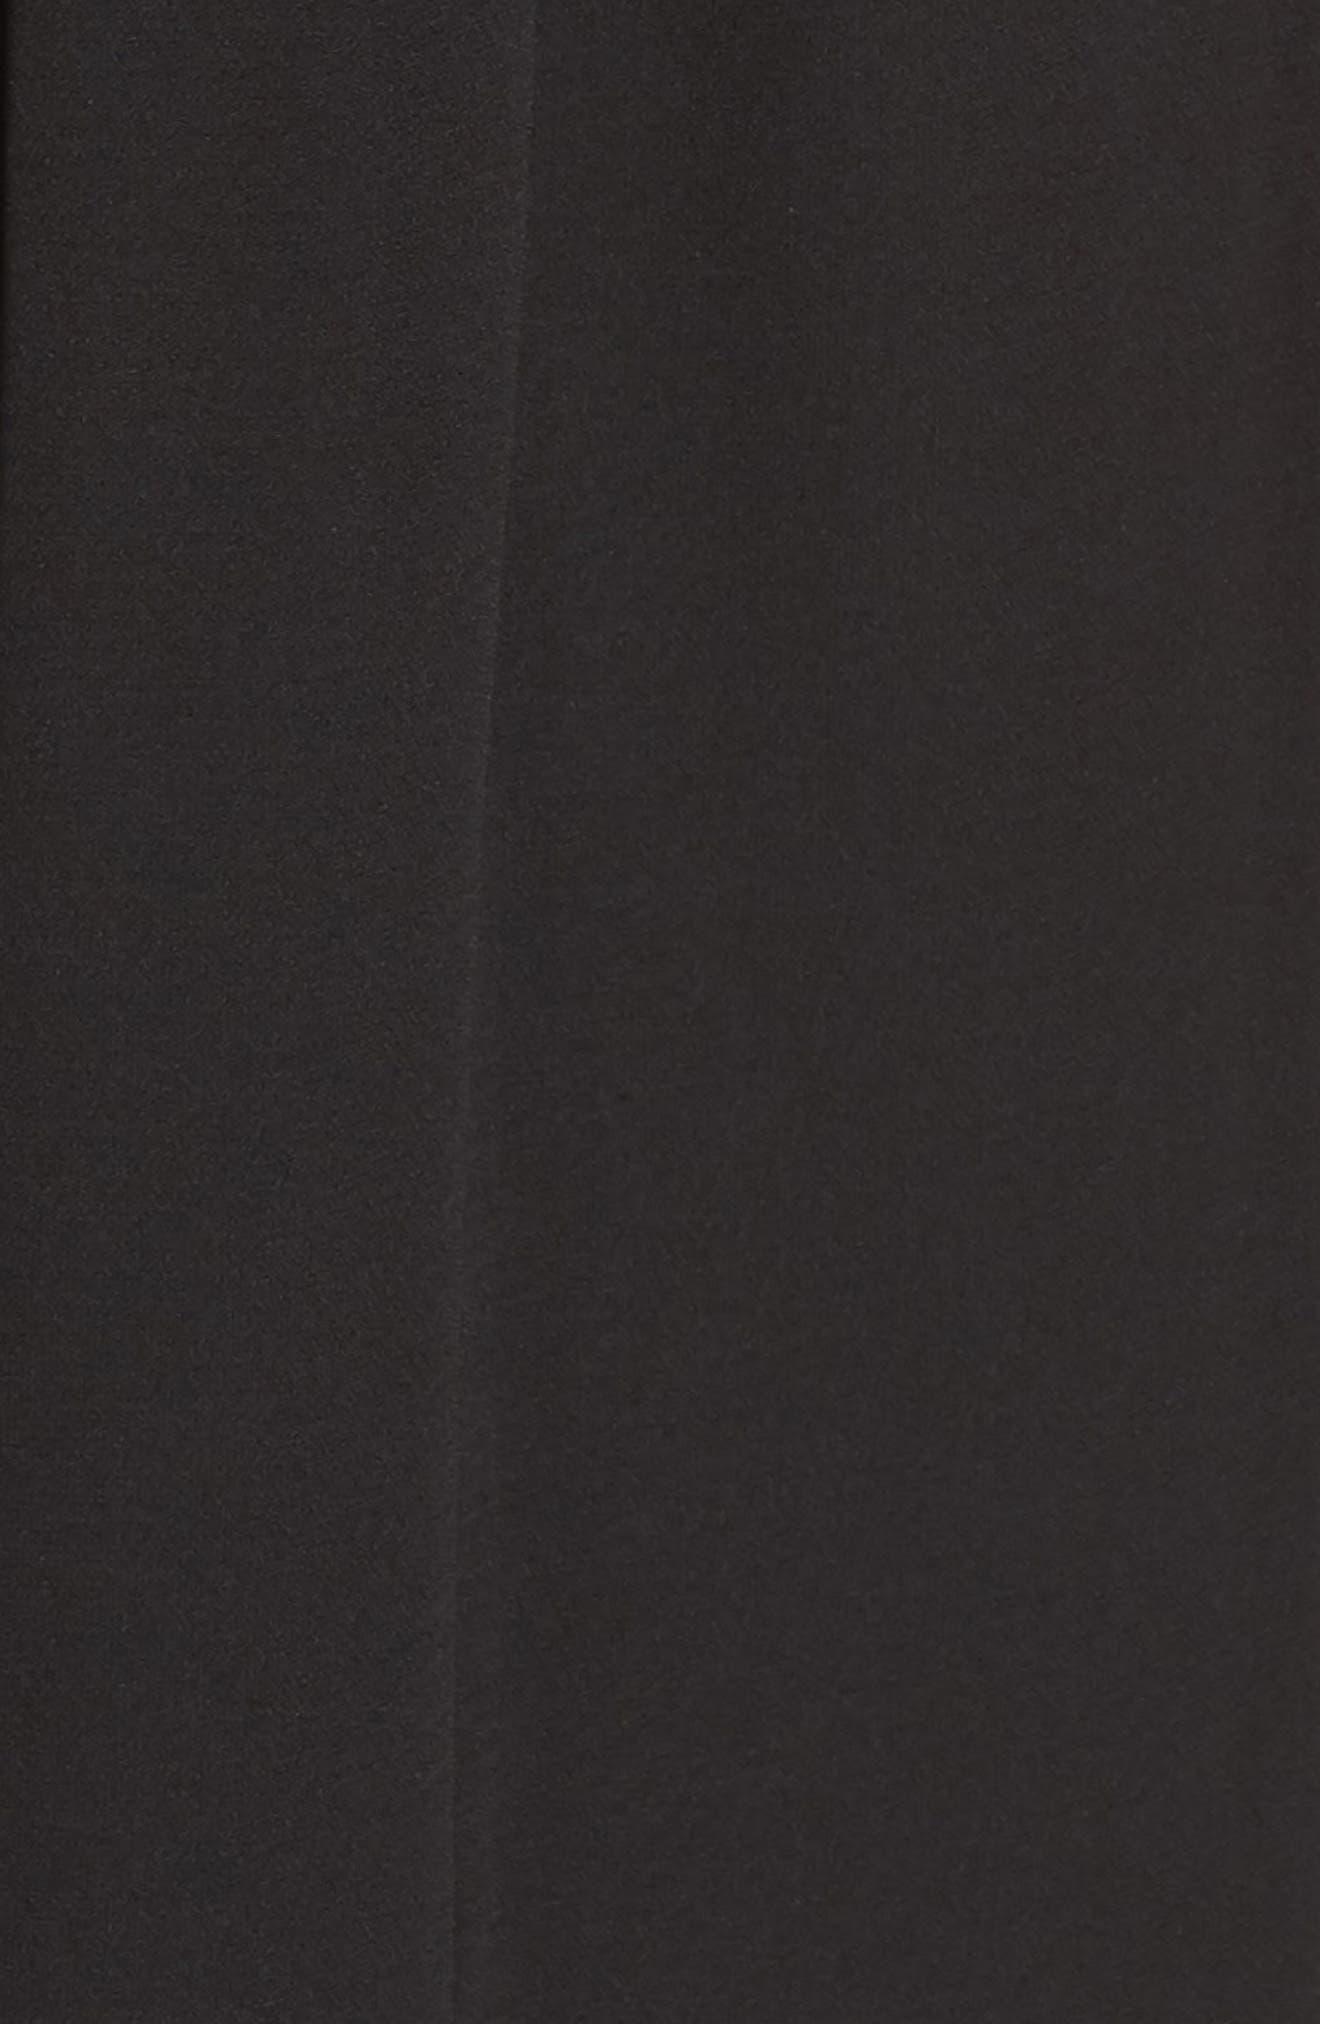 Ruffle Midi Dress,                             Alternate thumbnail 6, color,                             001